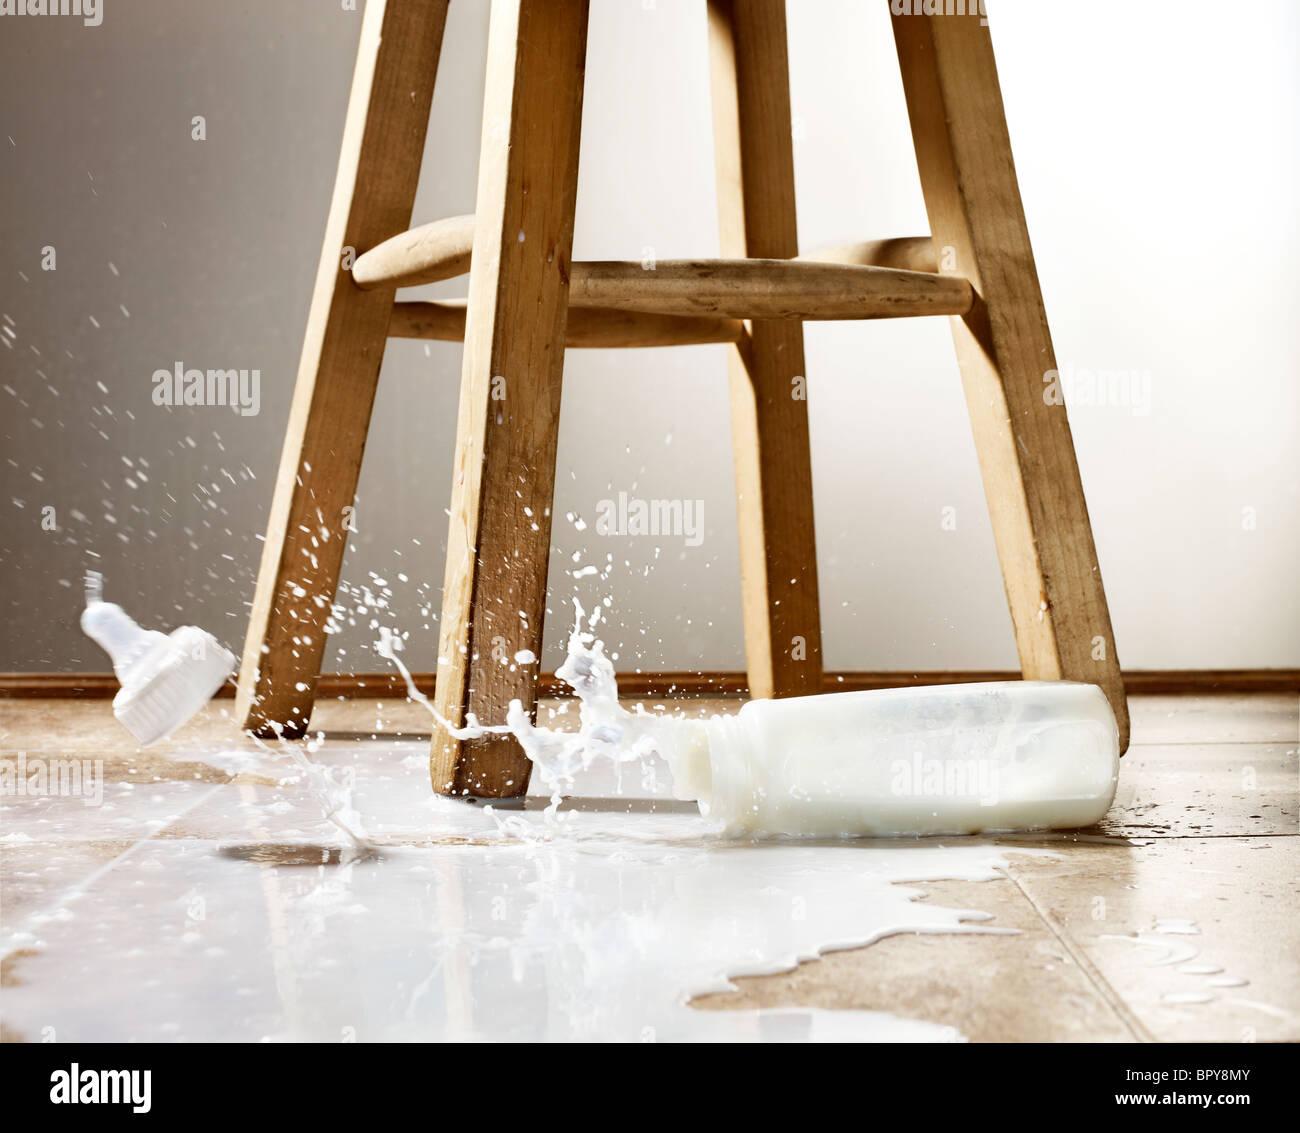 Biberón y leche derramada con splash en el piso Imagen De Stock